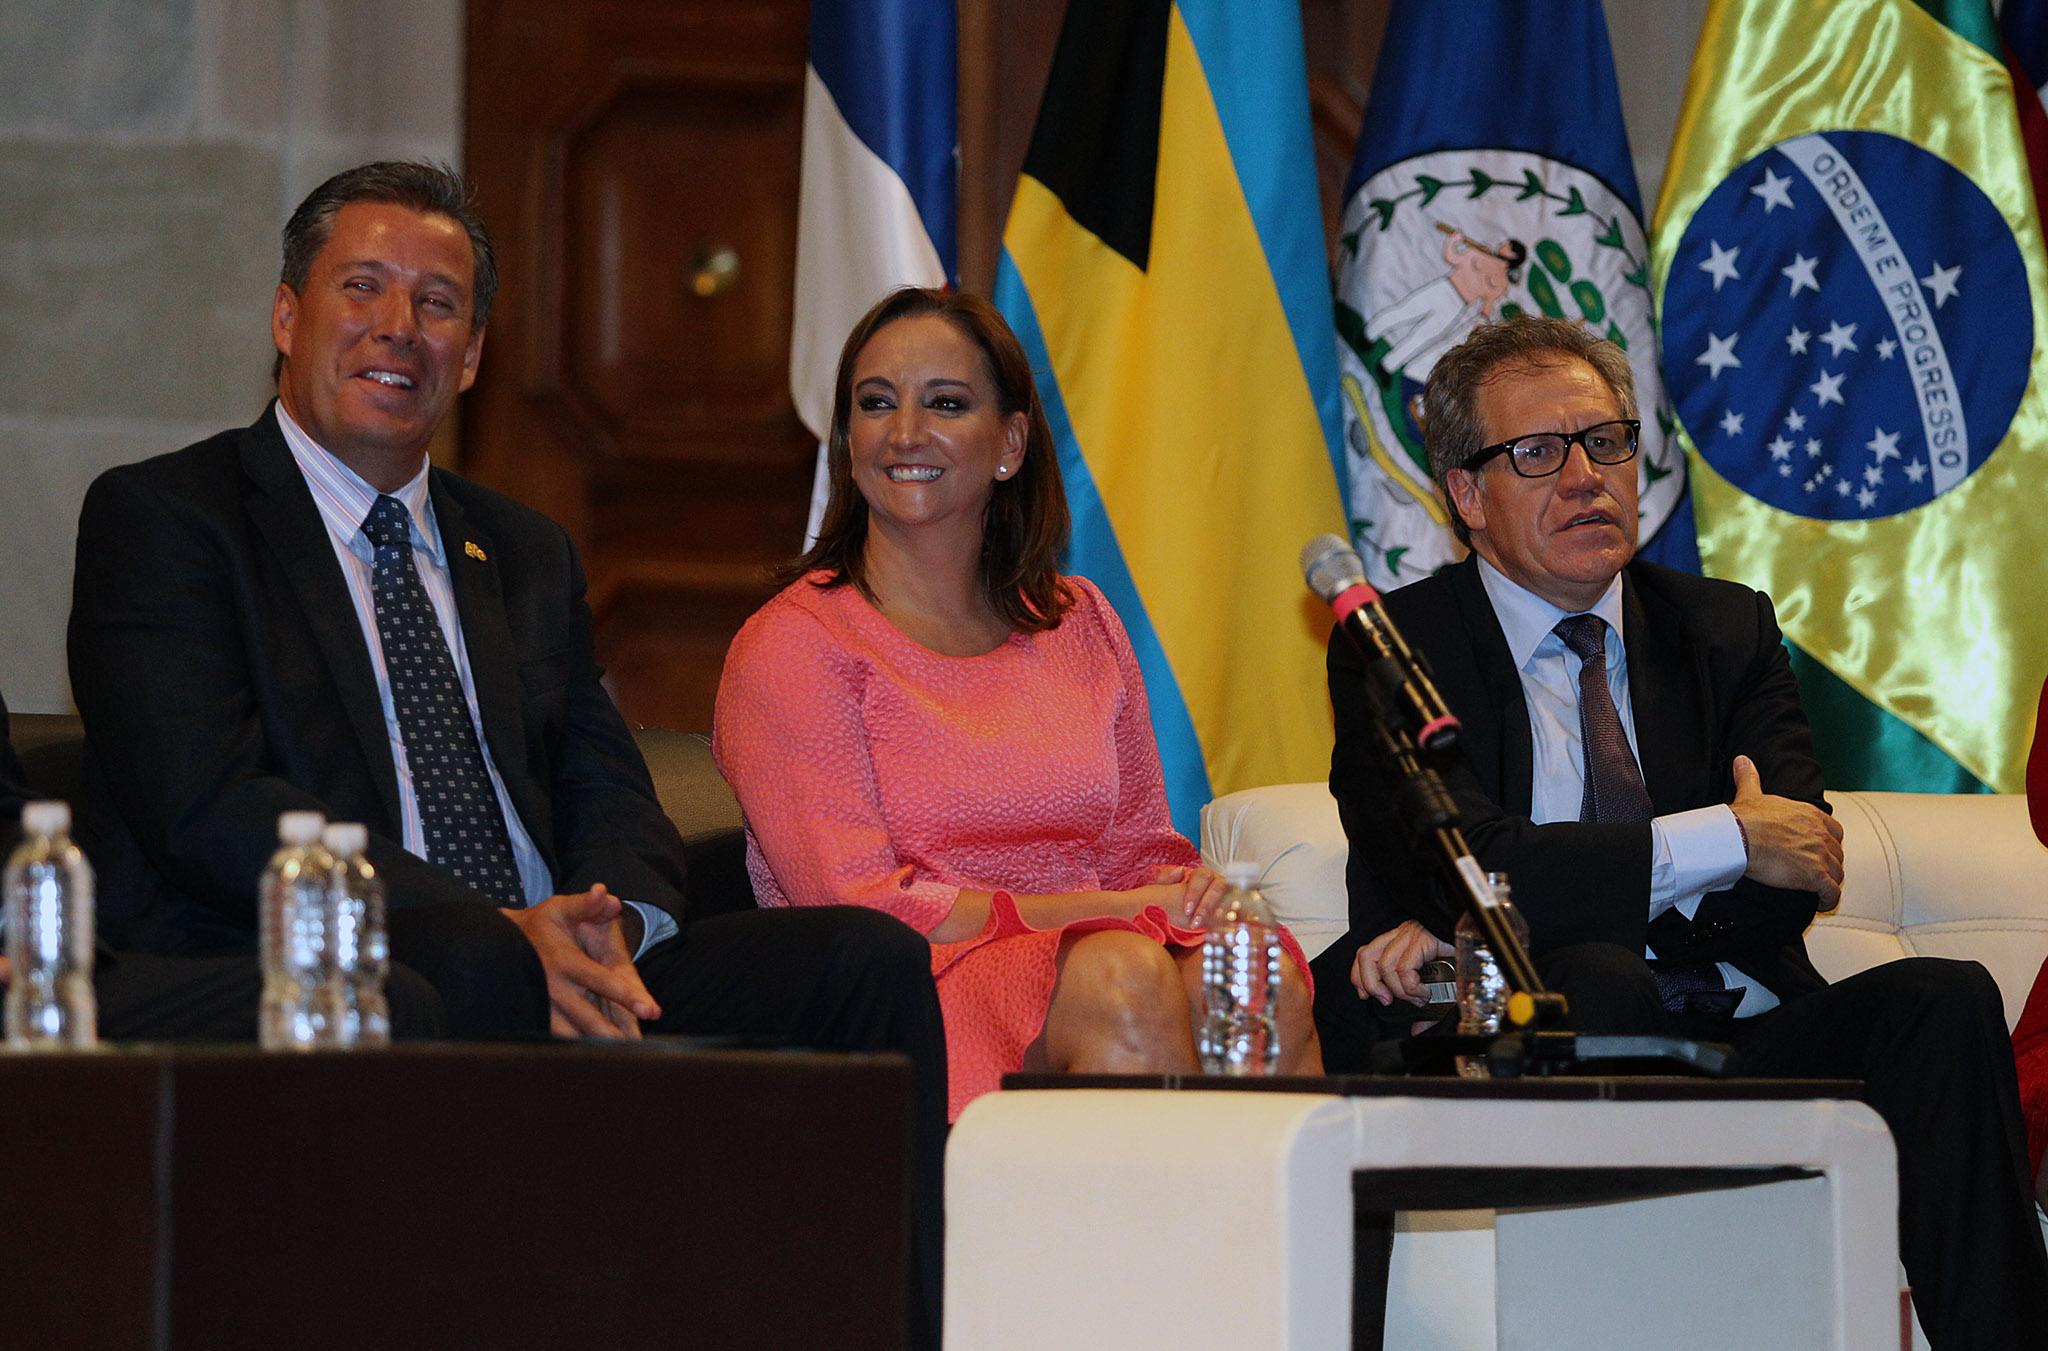 FOTO 2 Canciller Claudia Ruiz Massieu en la XIV Asamblea General de la Confederaci n Parlamentaria de las Am ricas.jpg